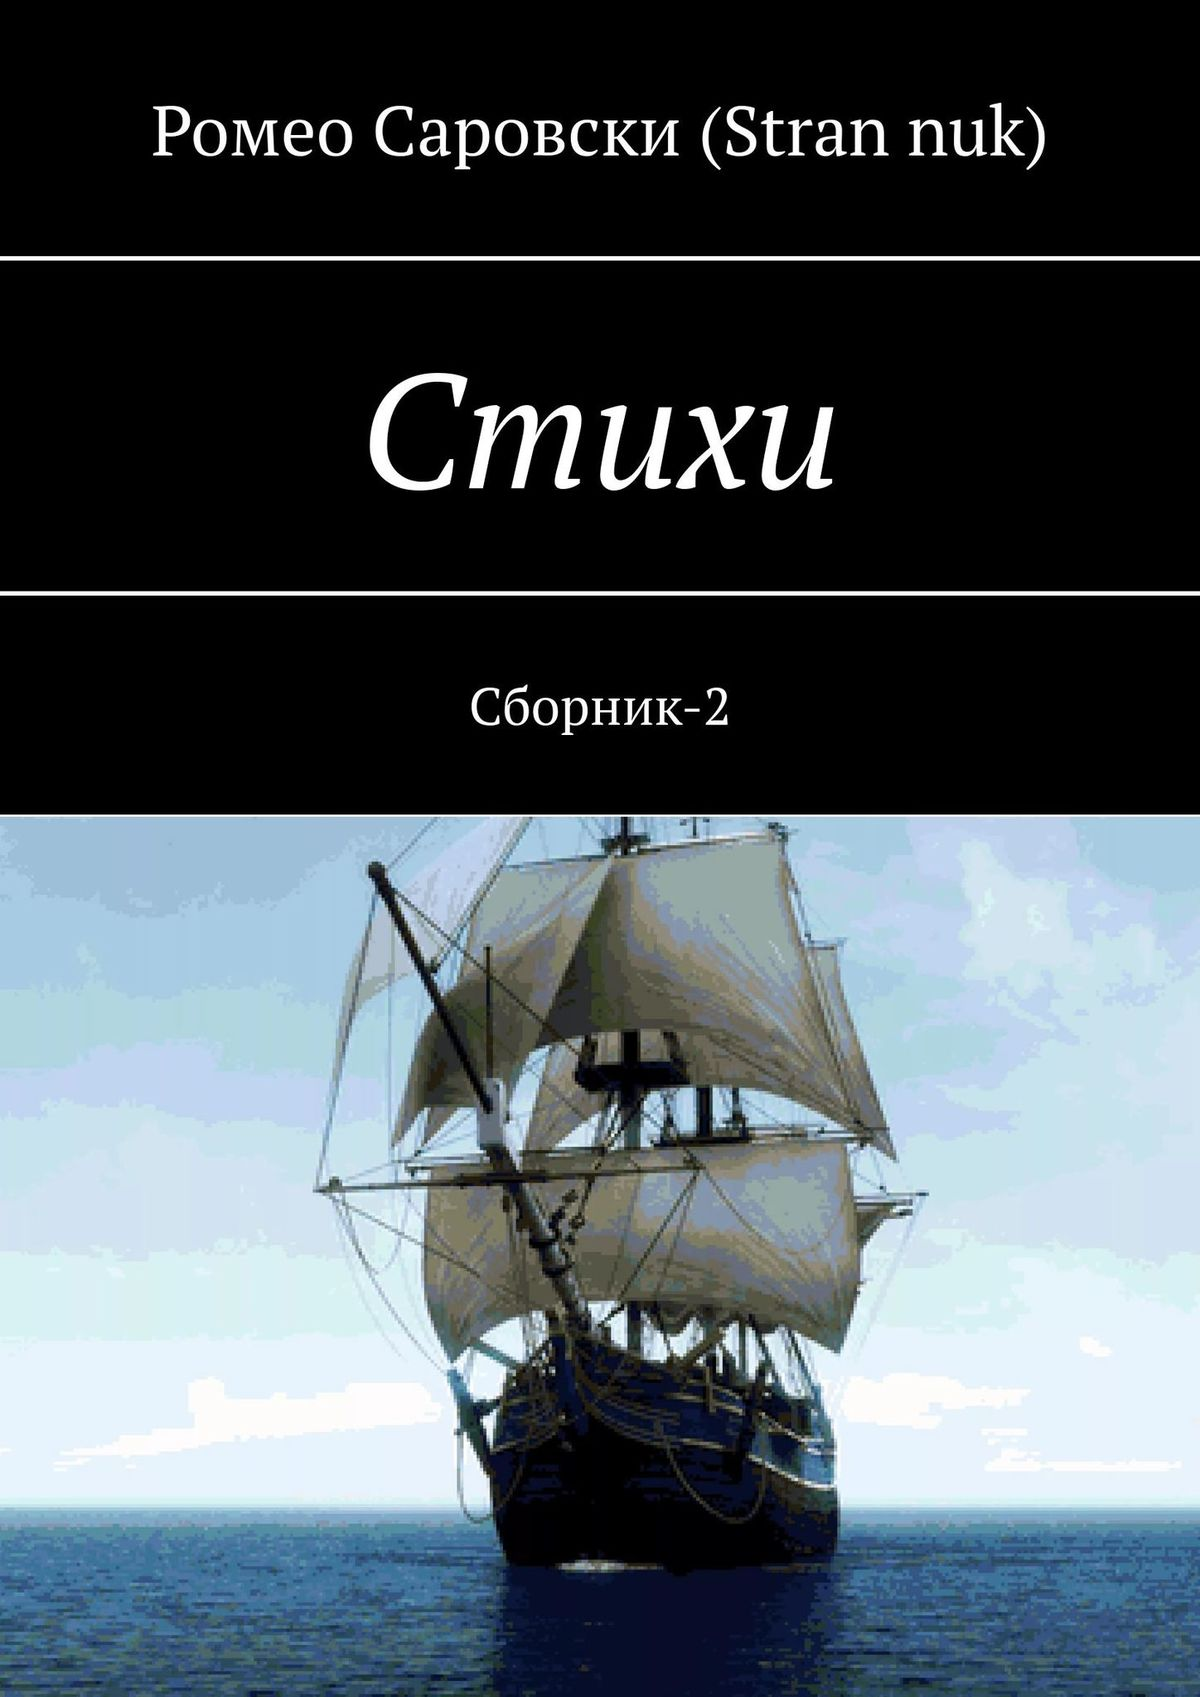 Роман Чукмасов (Strannuk) Стихи. Сборник-2